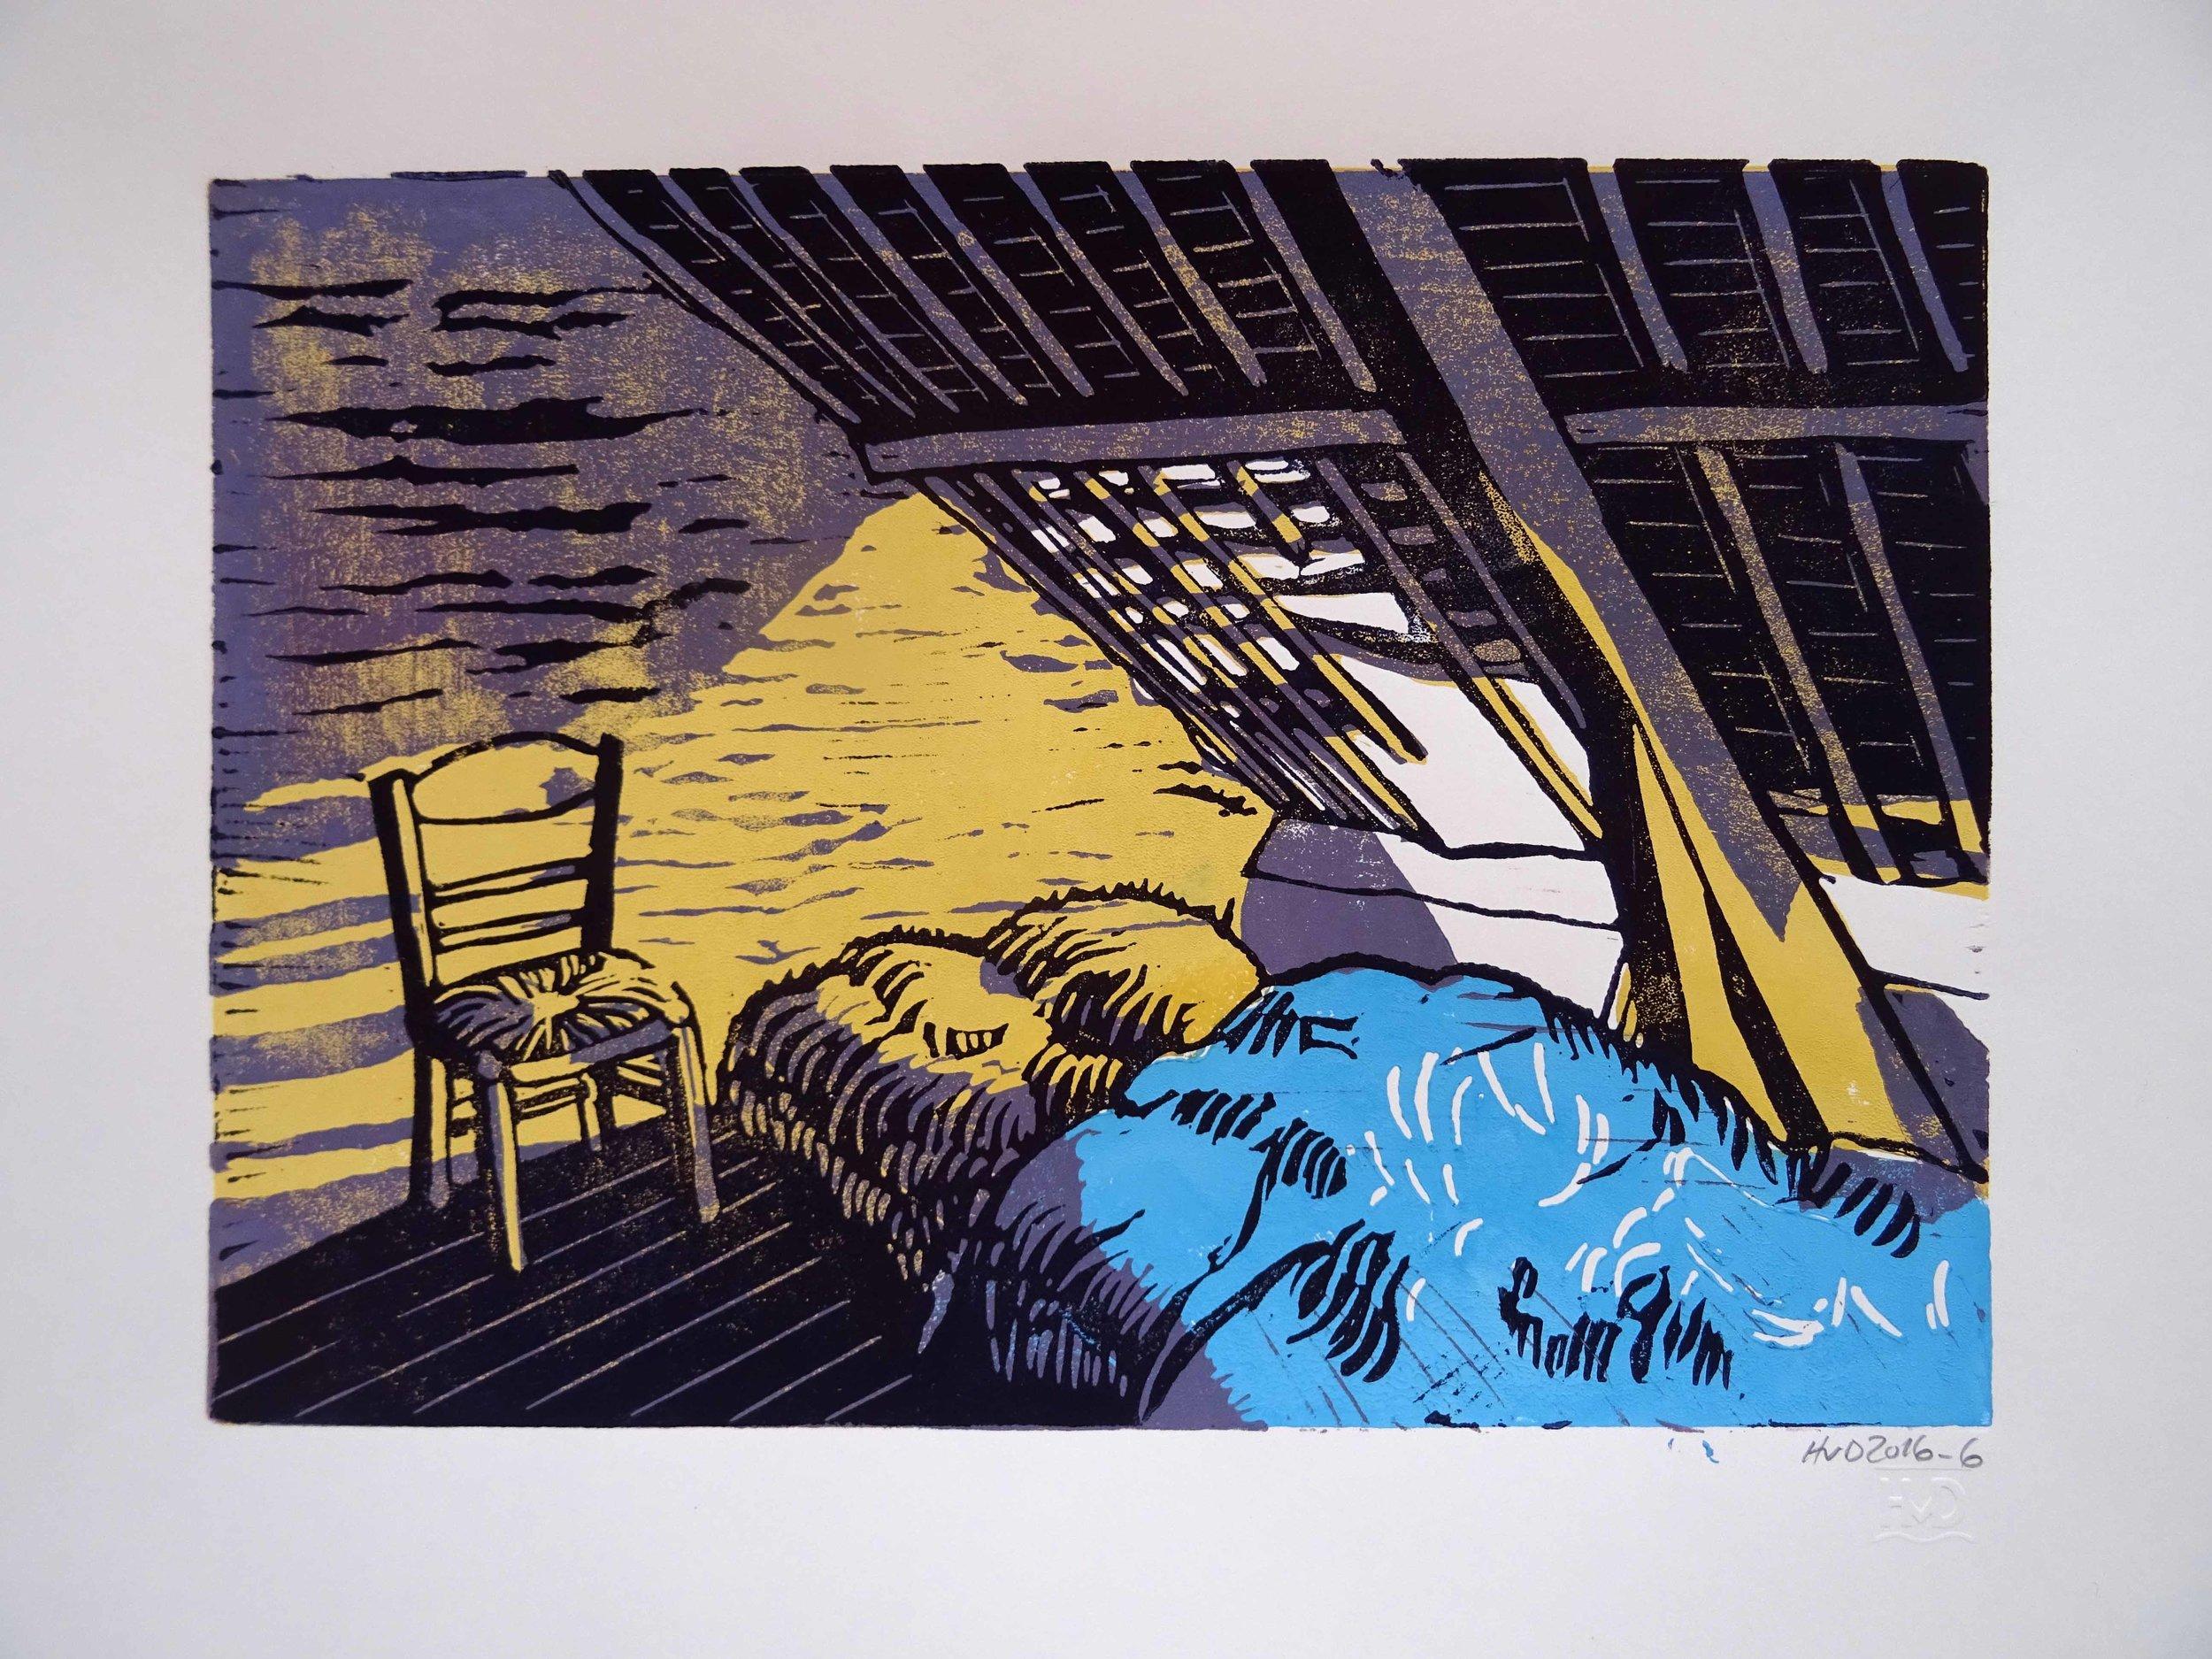 216 - Chambre de Vincent, 3-plate lino 21x30 cm, 80 €